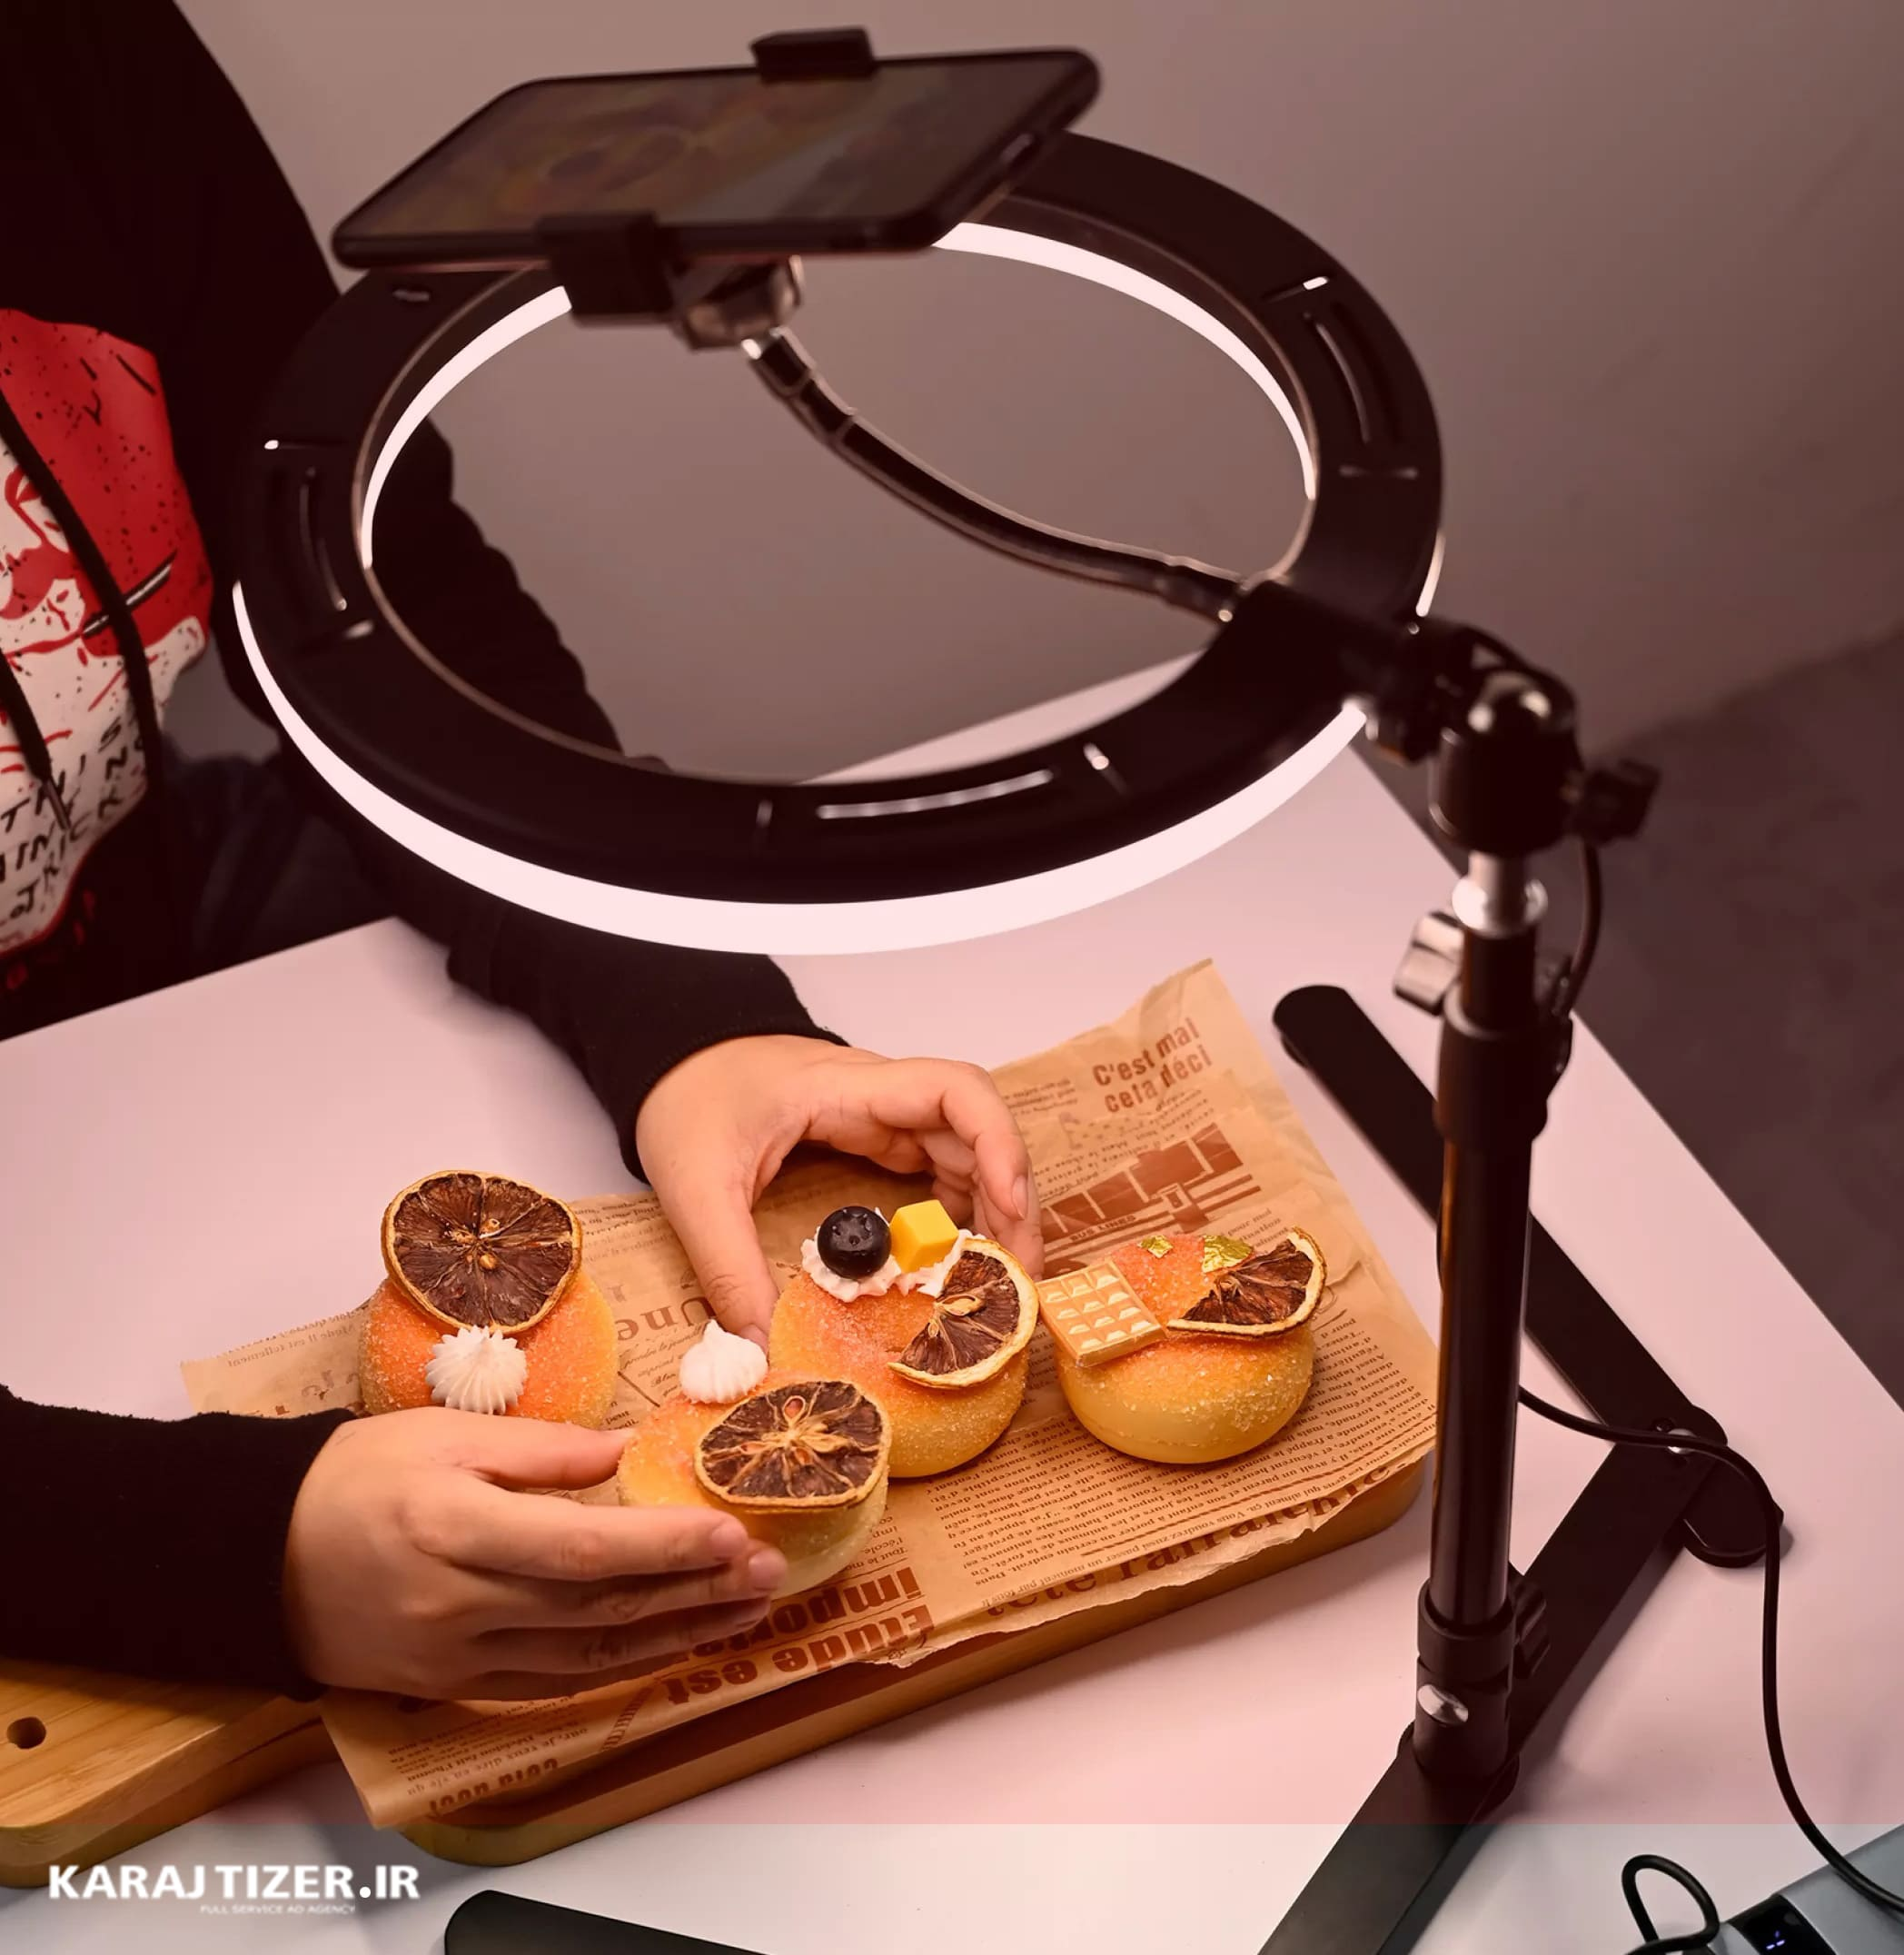 کاربرد رینگ لایت ها در عکاسی صنعتی